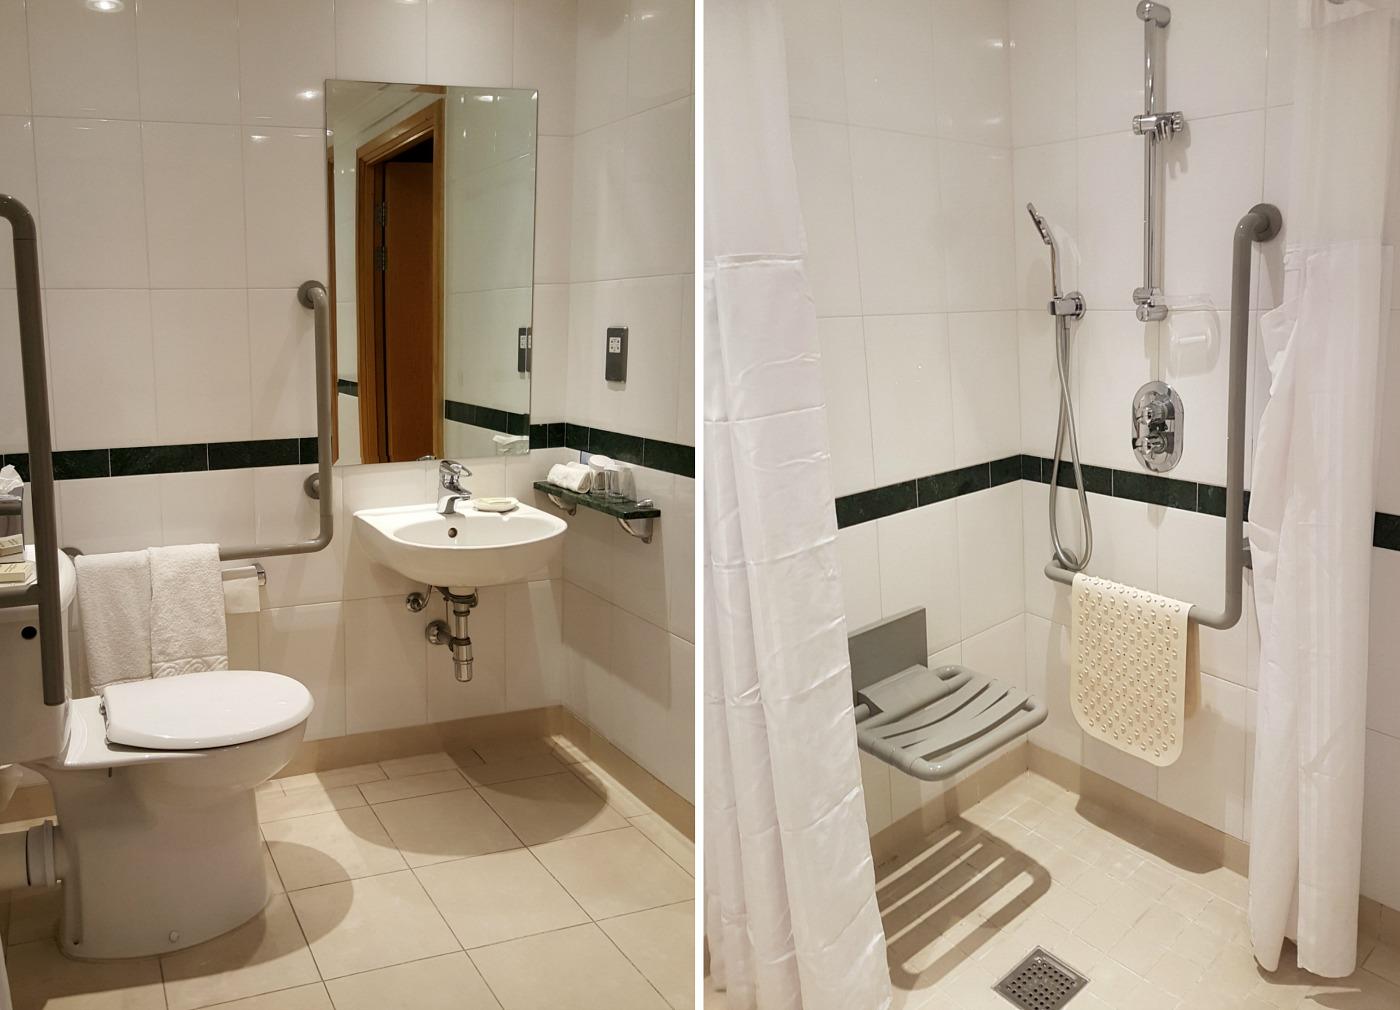 hilton-newcastle-gateshead-hotel-accessible-bathroom-roll-in-shower